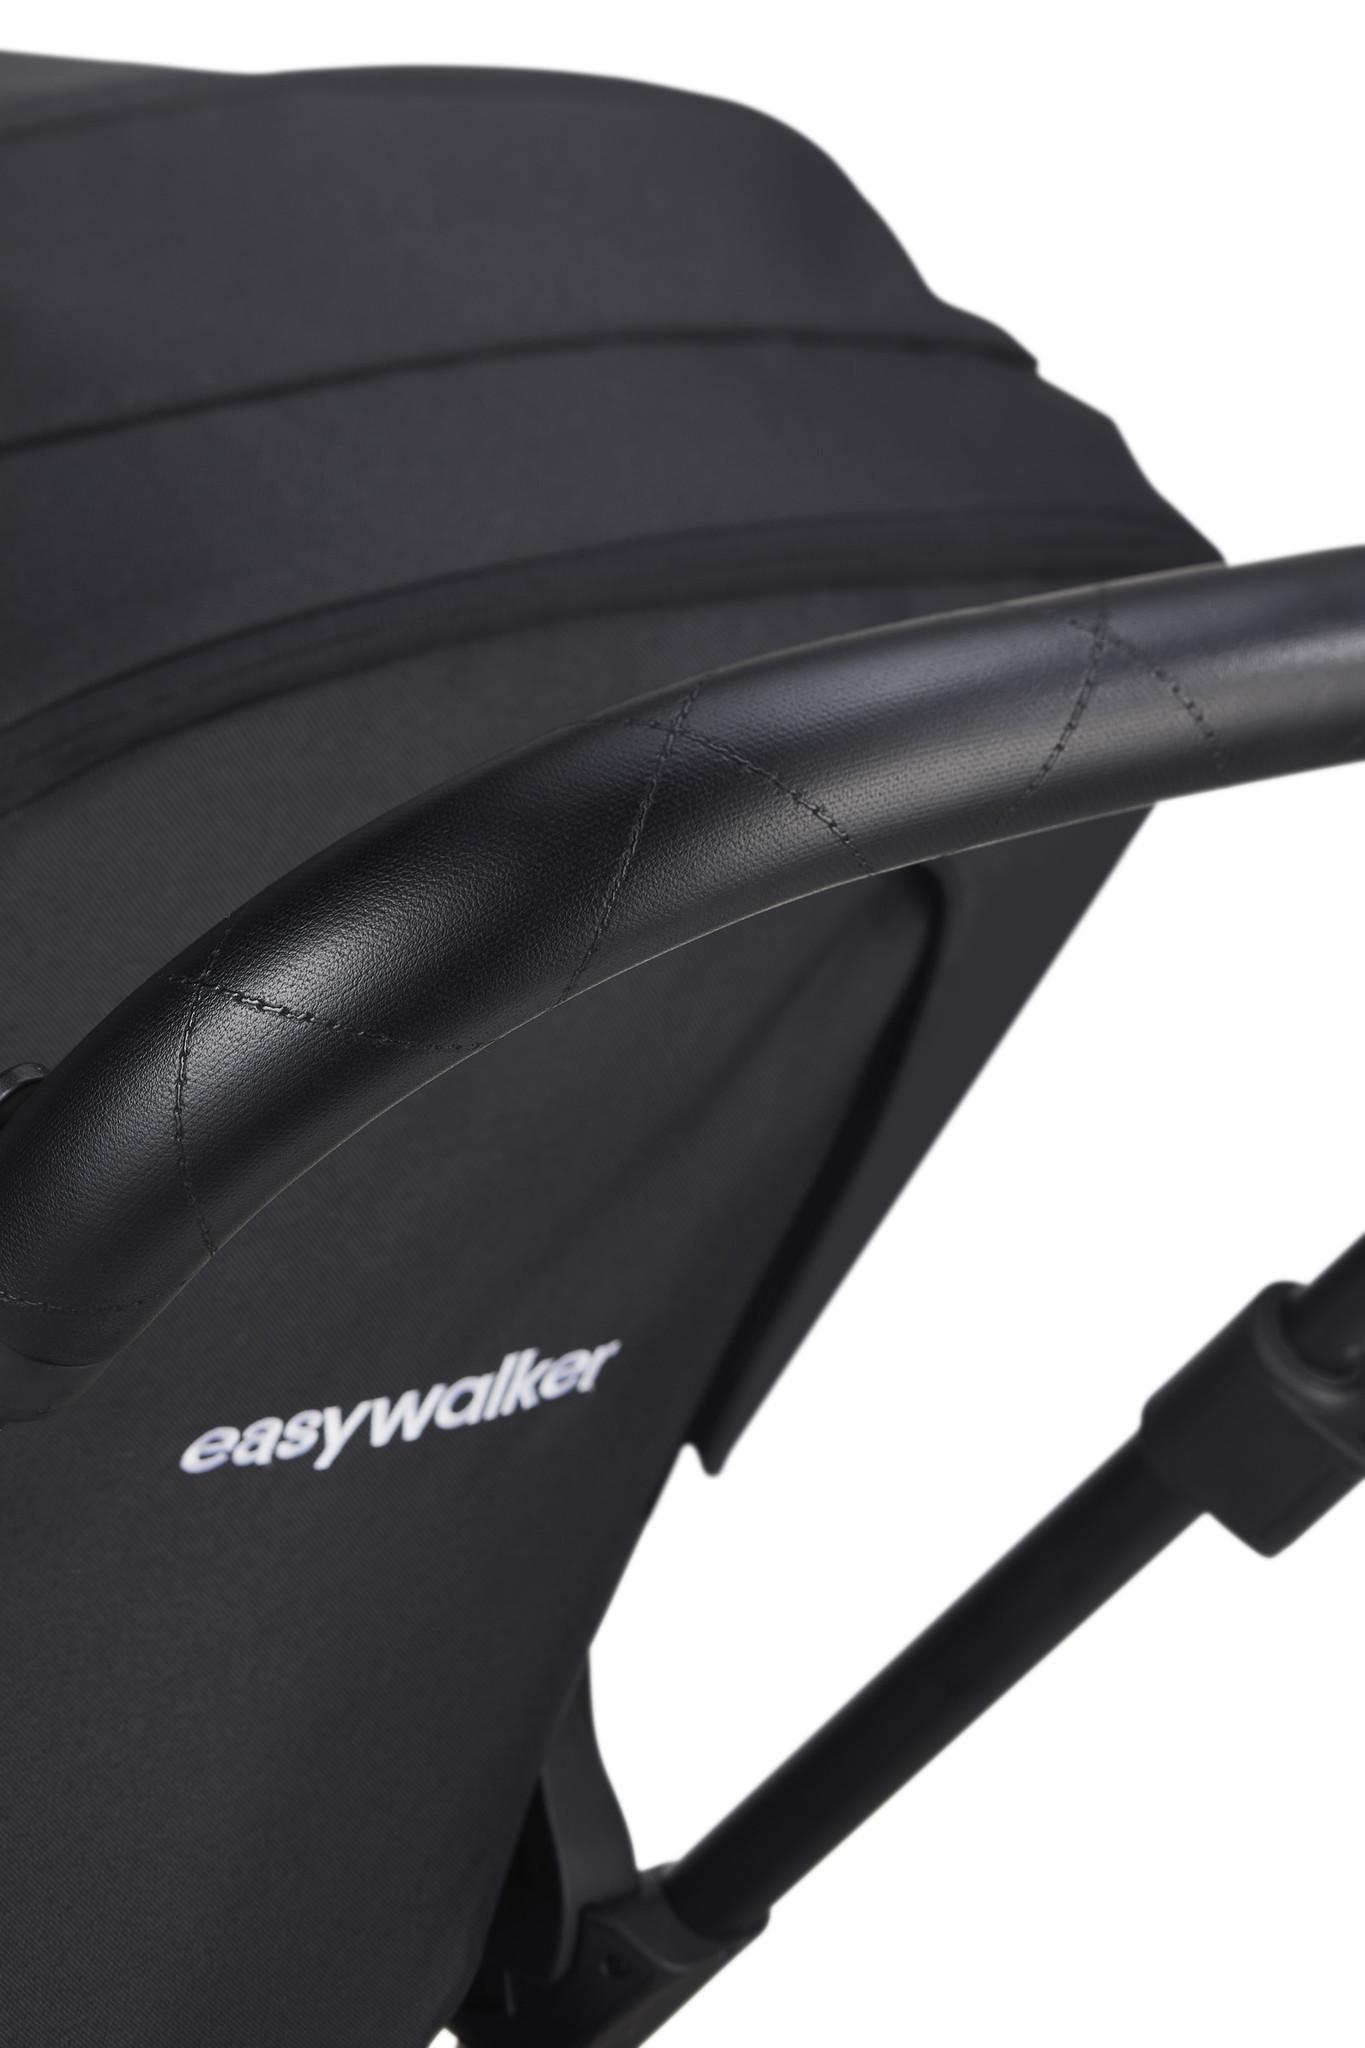 Easywalker Easywalker Harvey² Premium Onyx Black